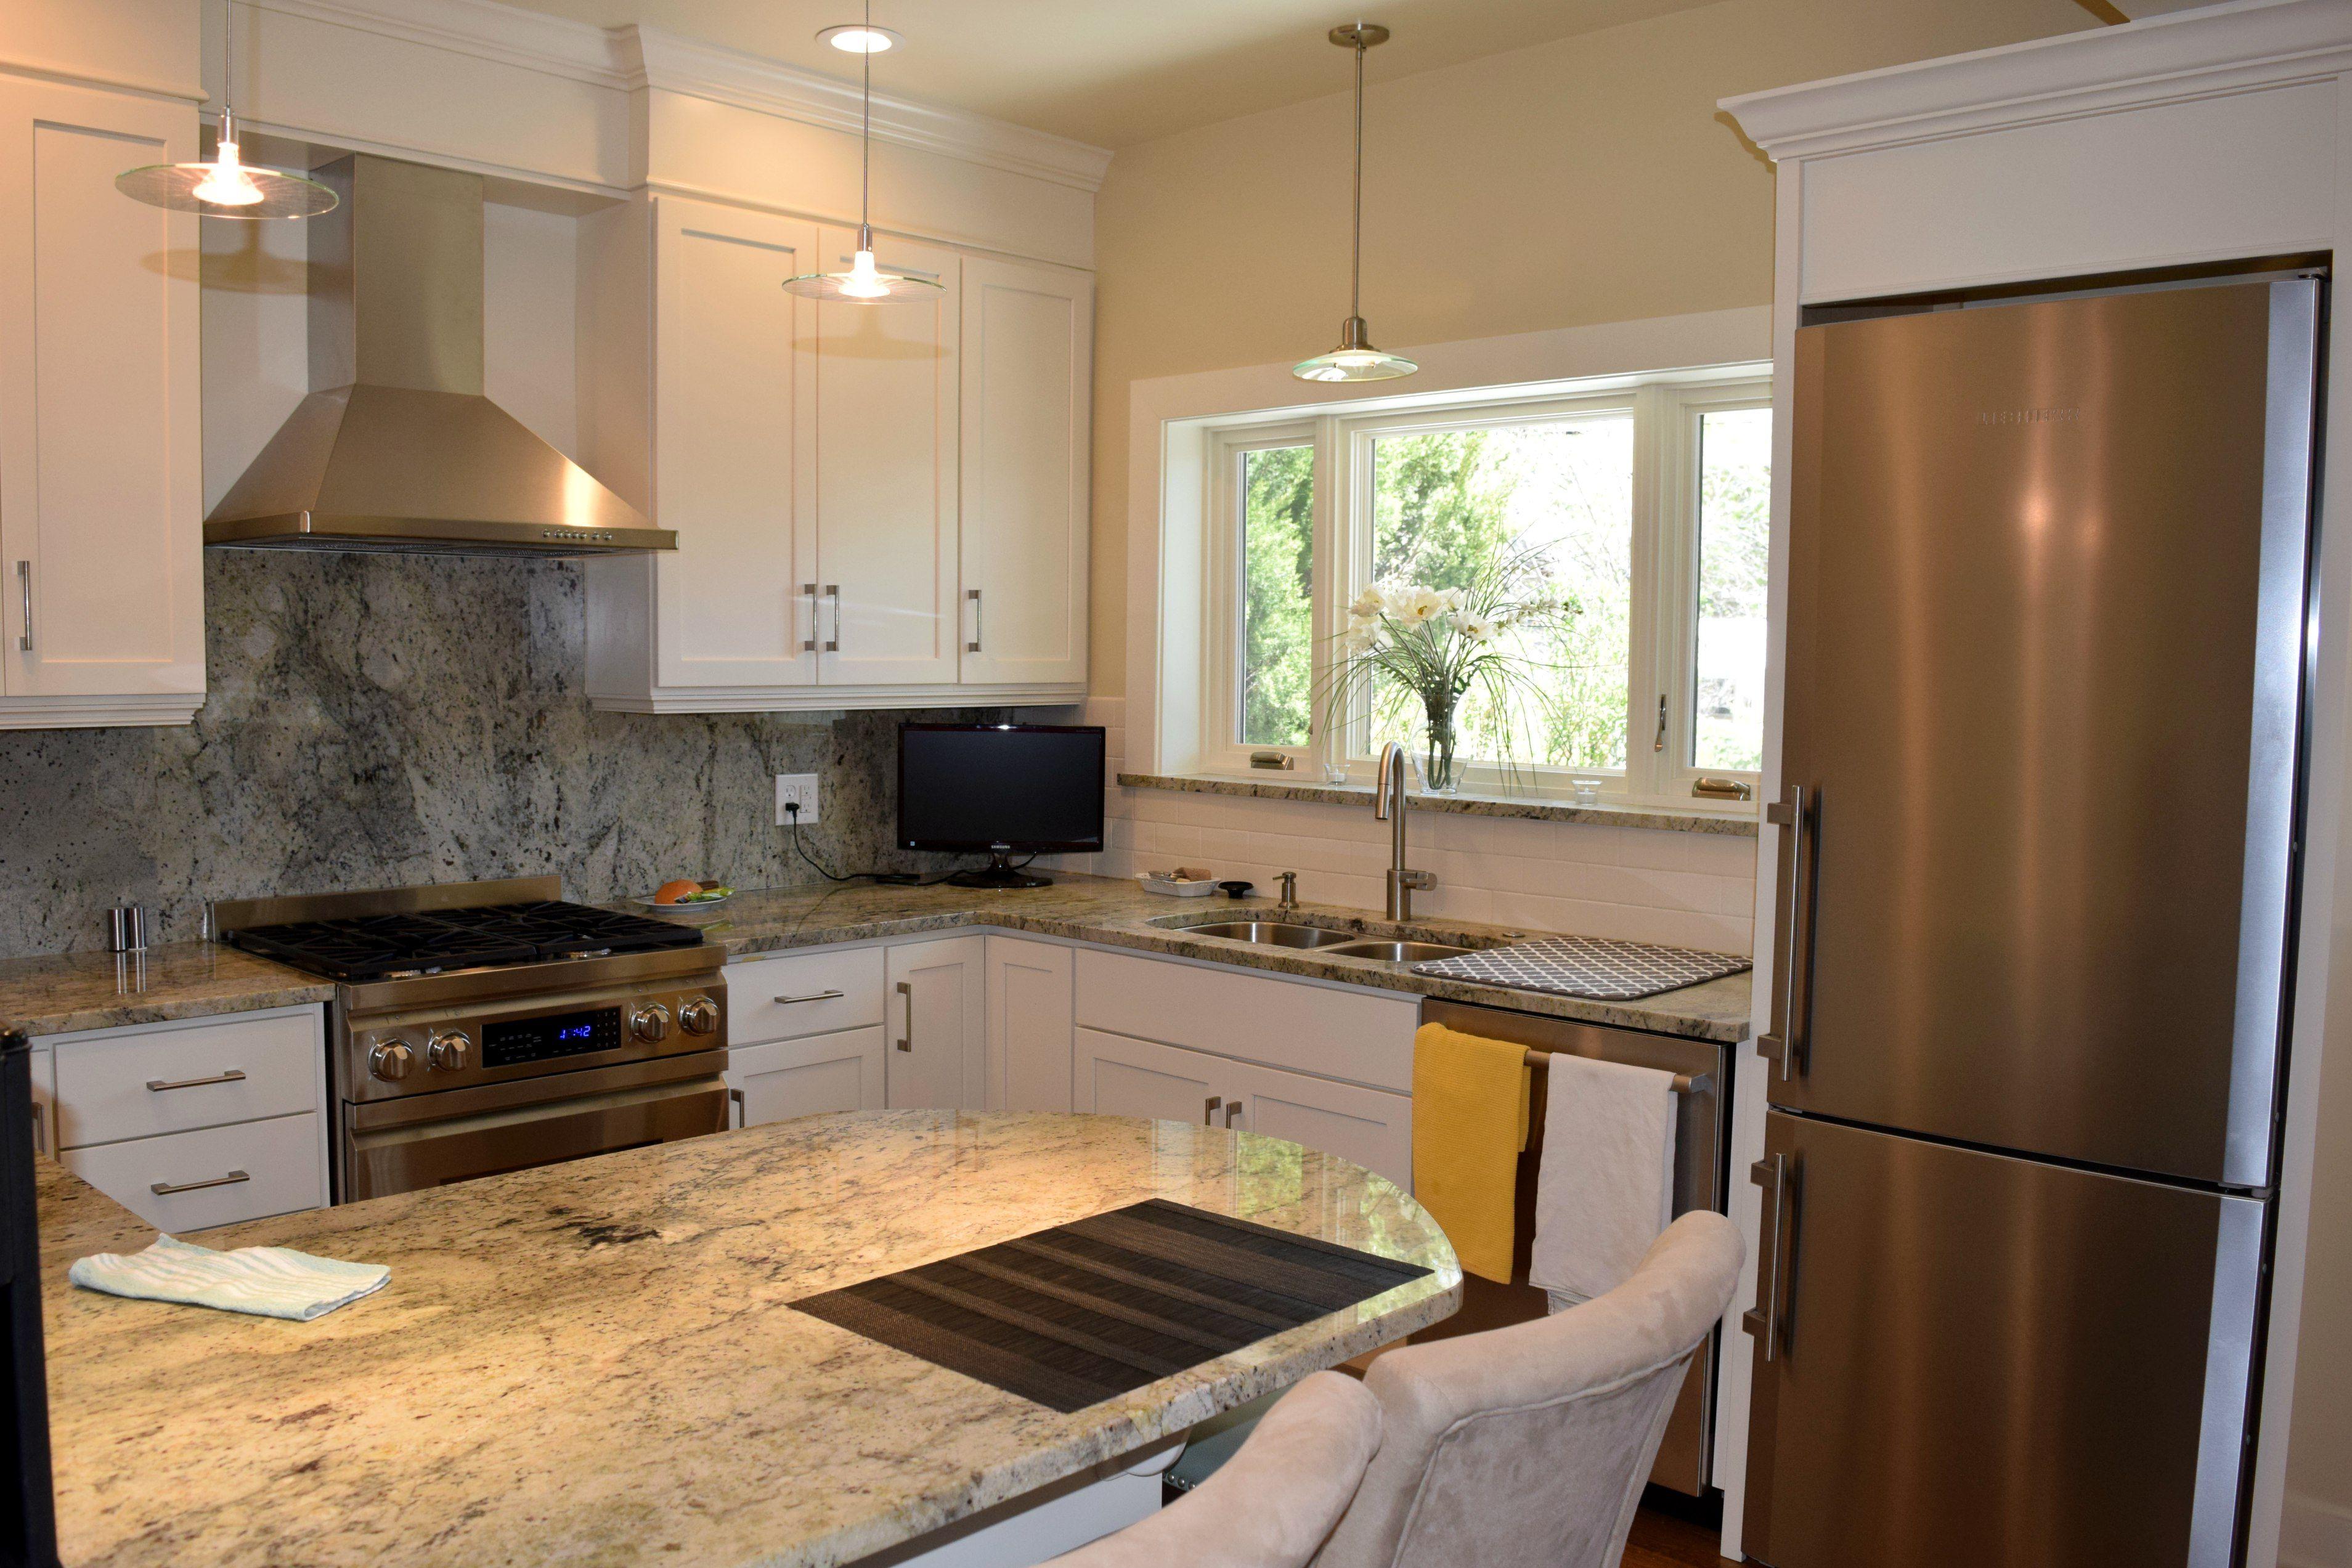 remodel works bath & kitchen copper backsplash bkc and cabinetry current